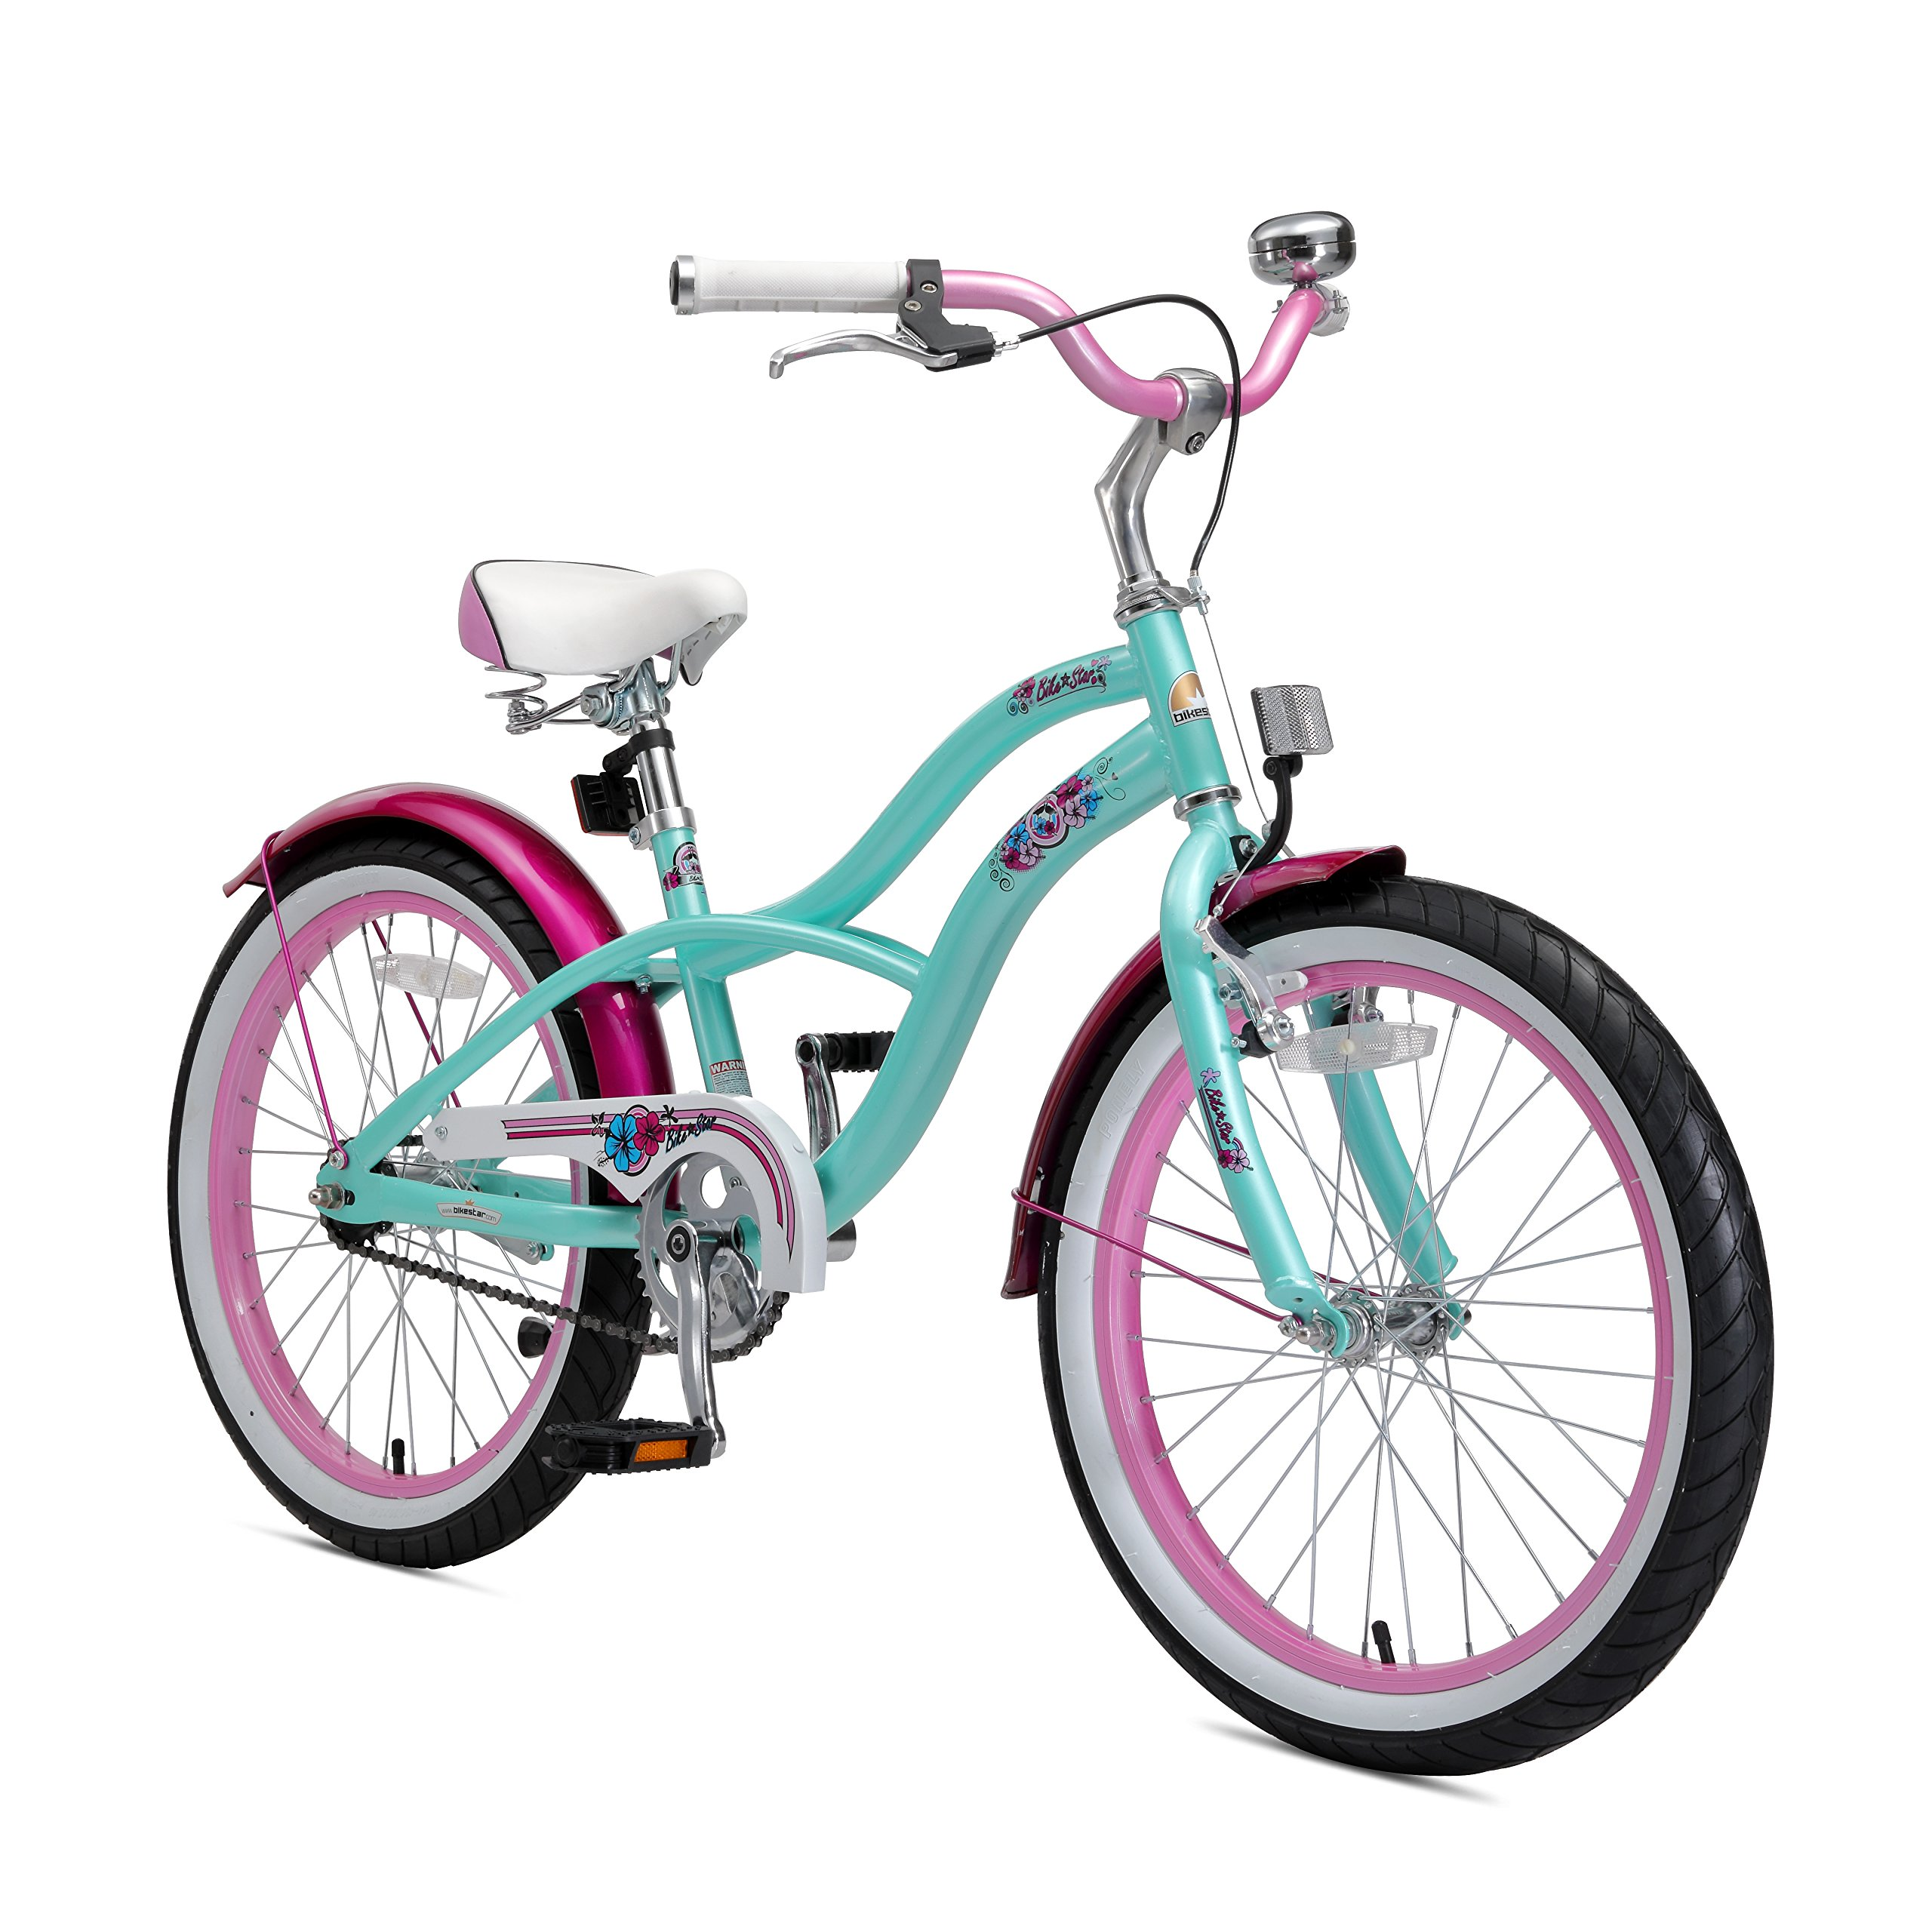 Bikestar Bicicleta Infantil con Caballete Lateral y Accesorios ...